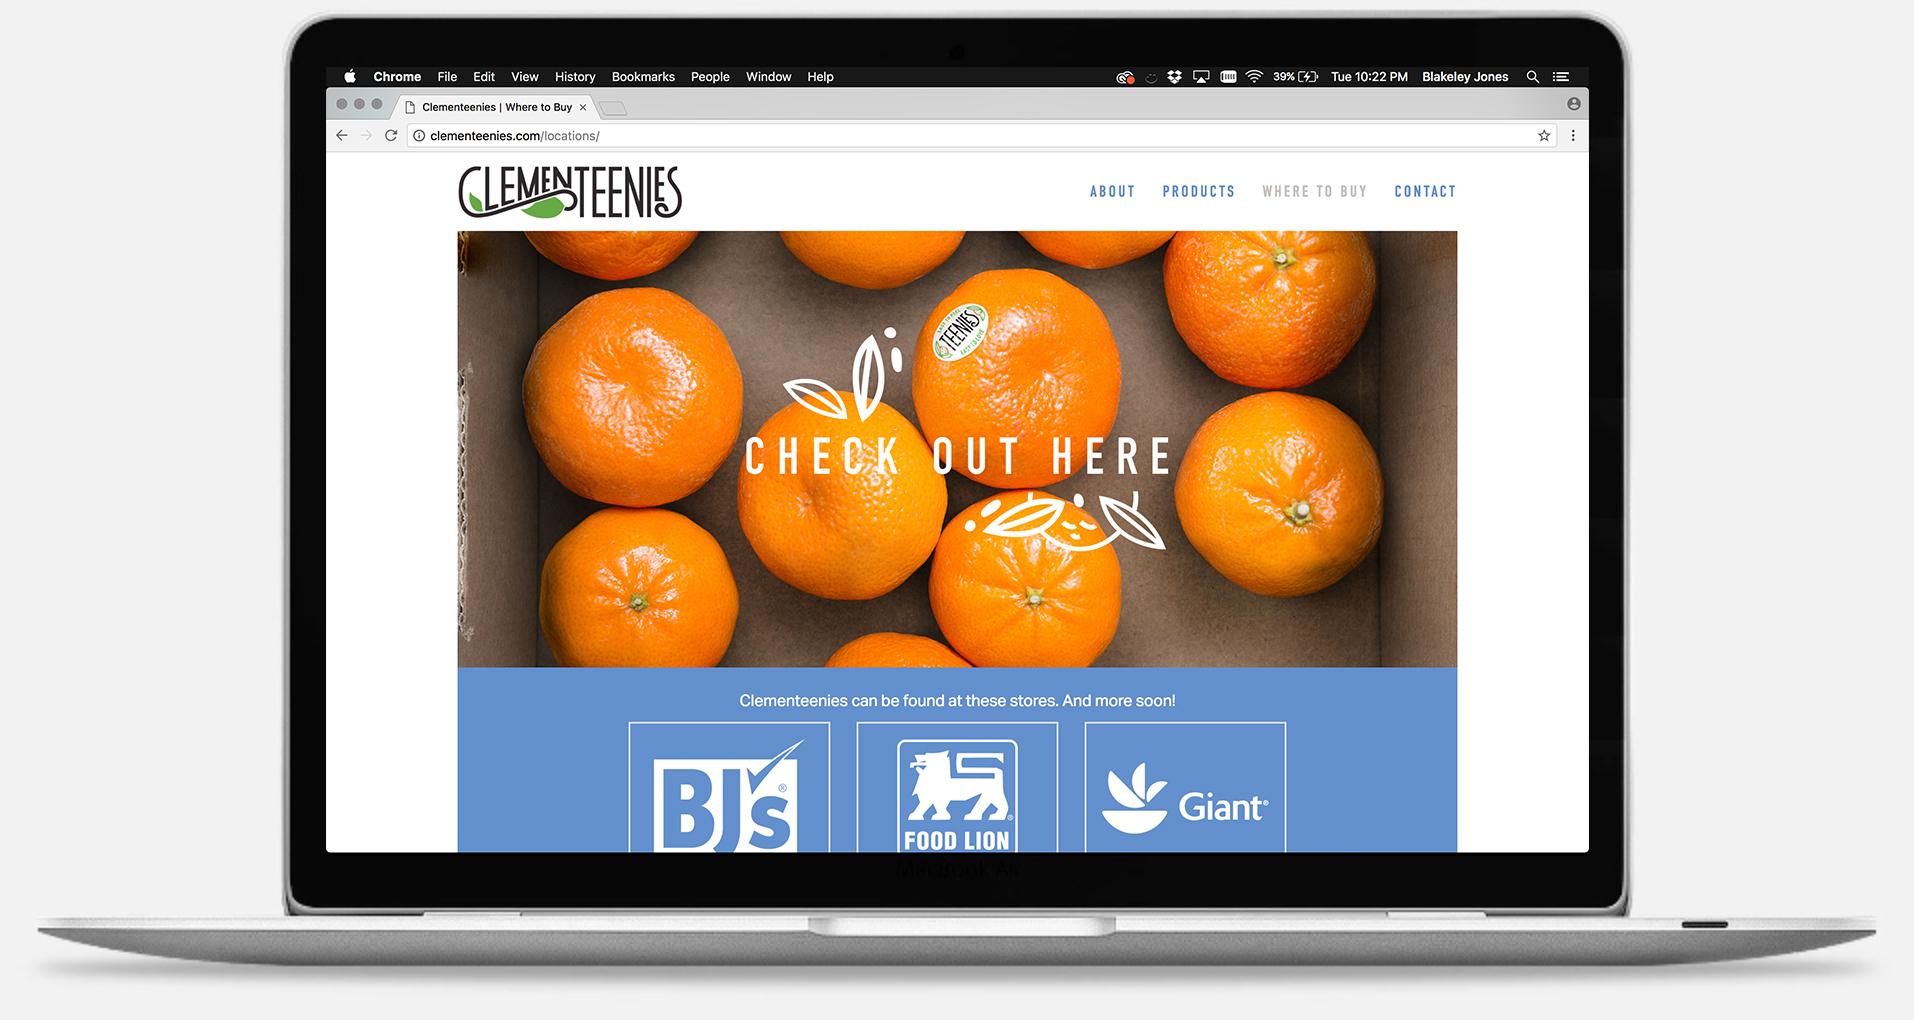 clementeenies_webpage3.jpg